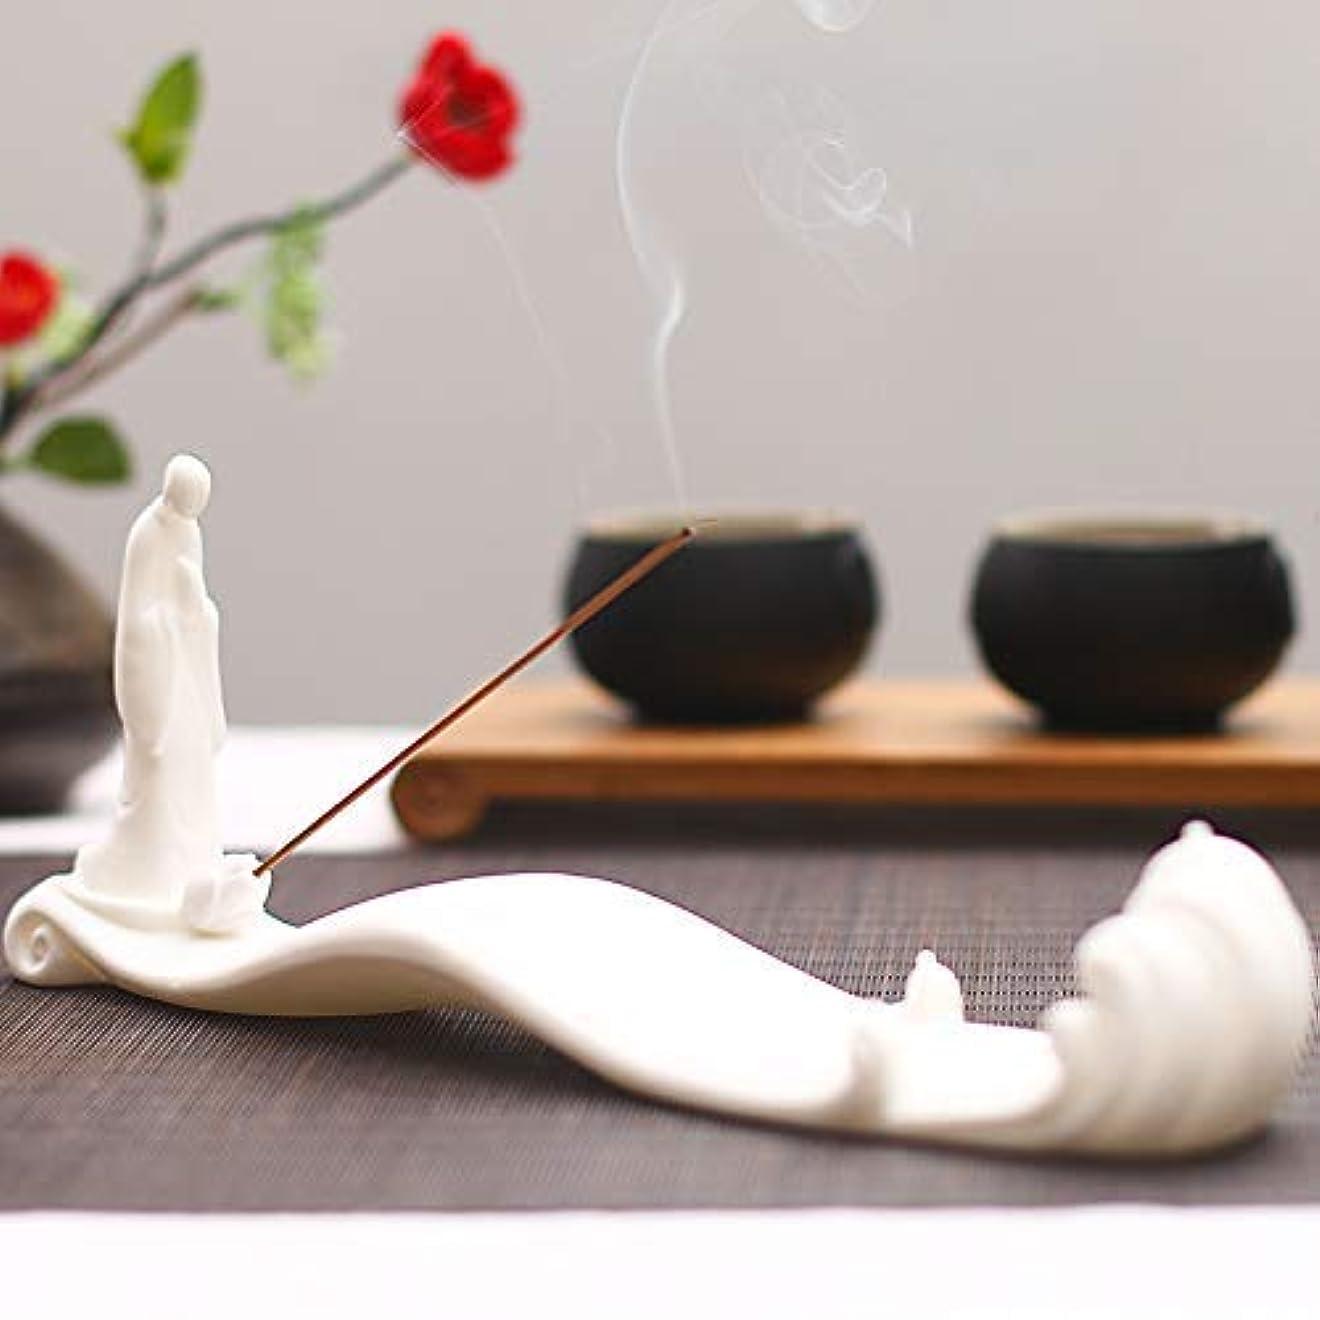 溶かす感情のルーチンPHILOGOD 香炉 陶器線香香立て モンク潮を見てモデリング仏壇 お香 ホルダー